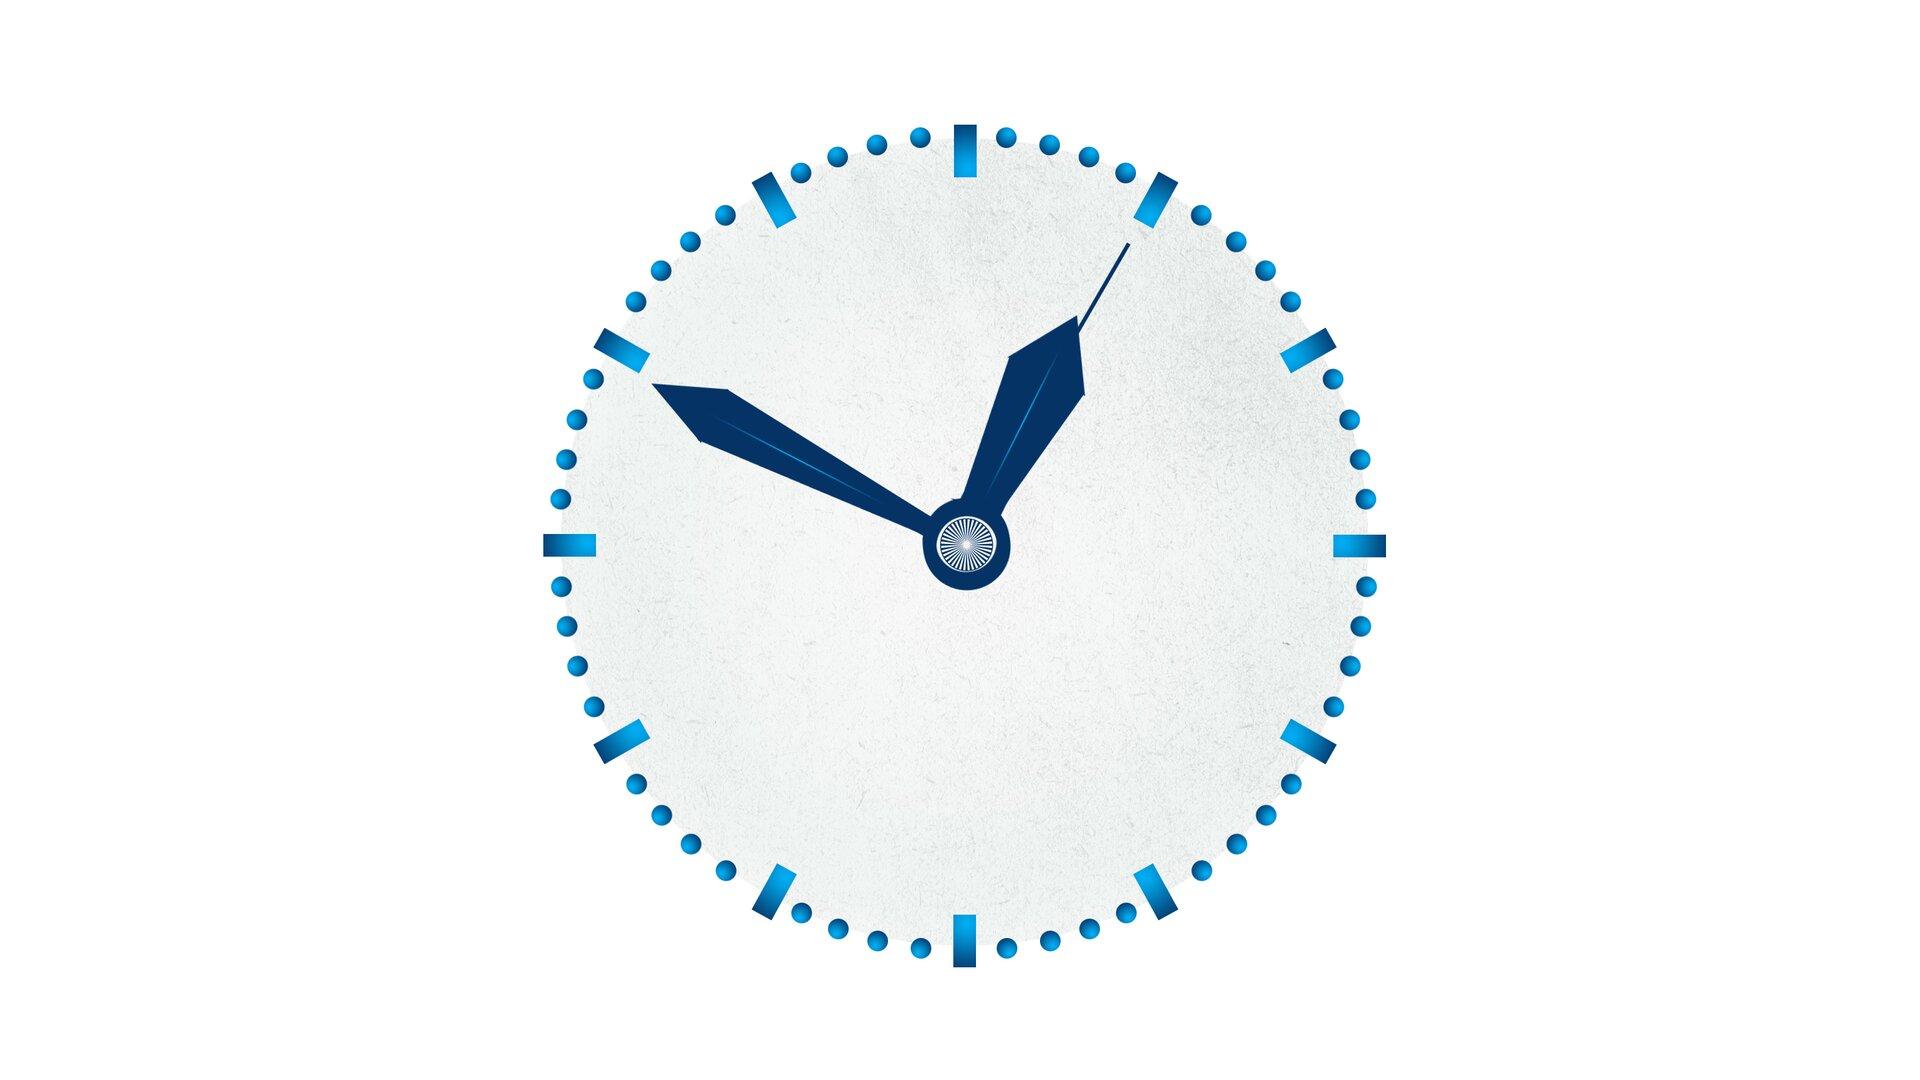 Rysunek zegara, którego wskazówki wskazują godzinę dwunastą czterdzieści dziewięć minut ipięć sekund.